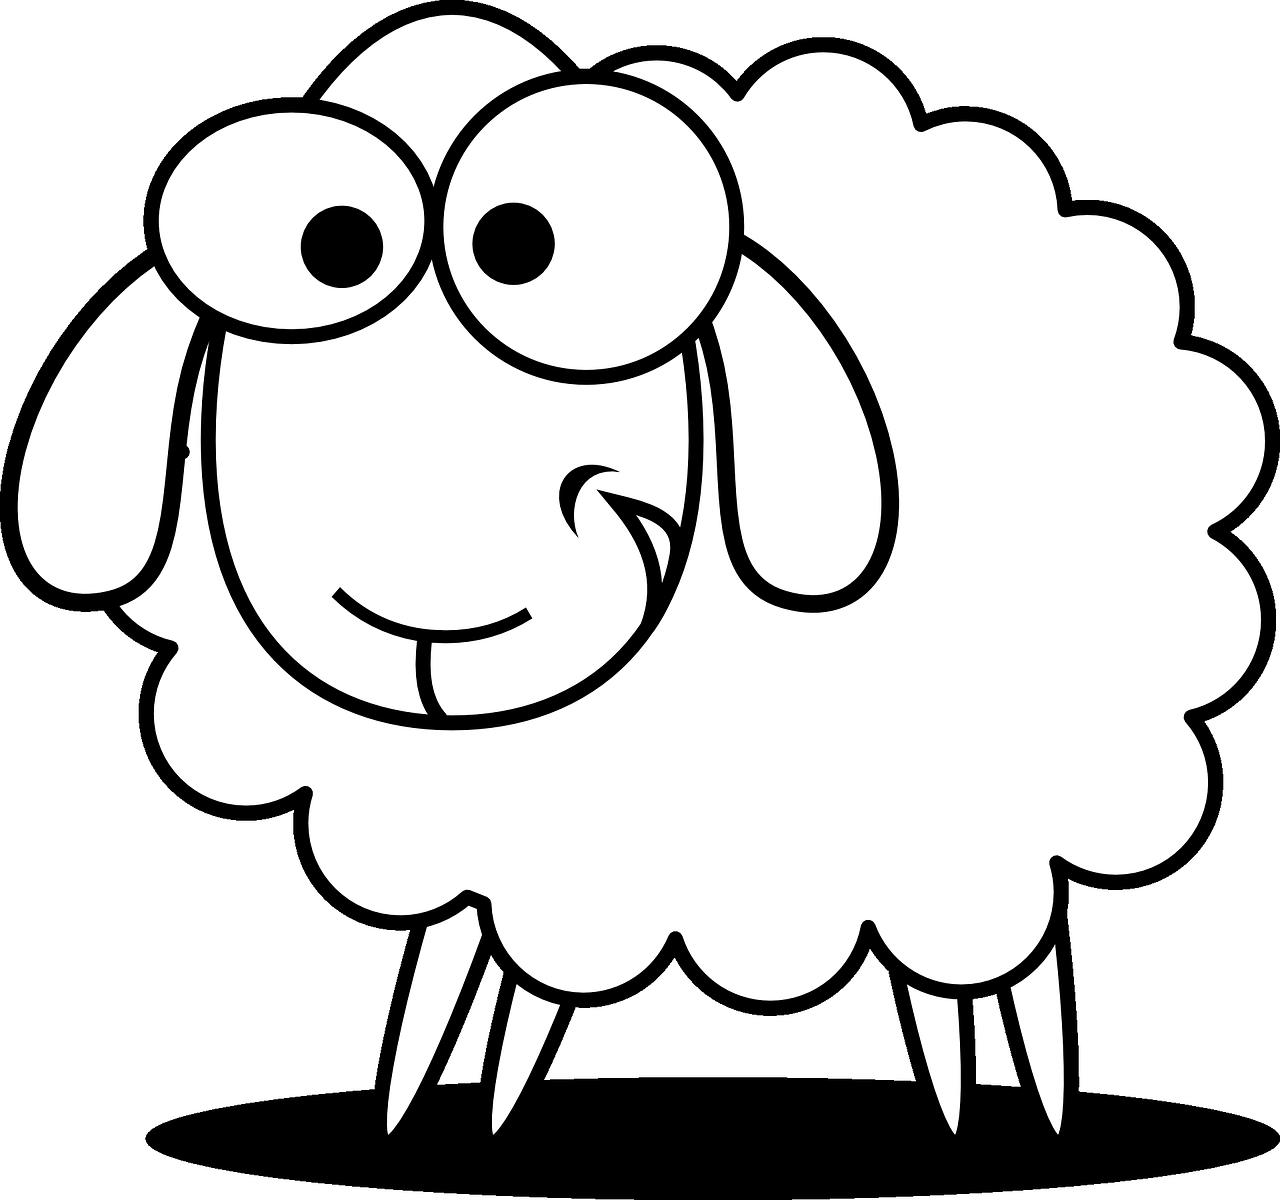 sheep-161630_1280.png